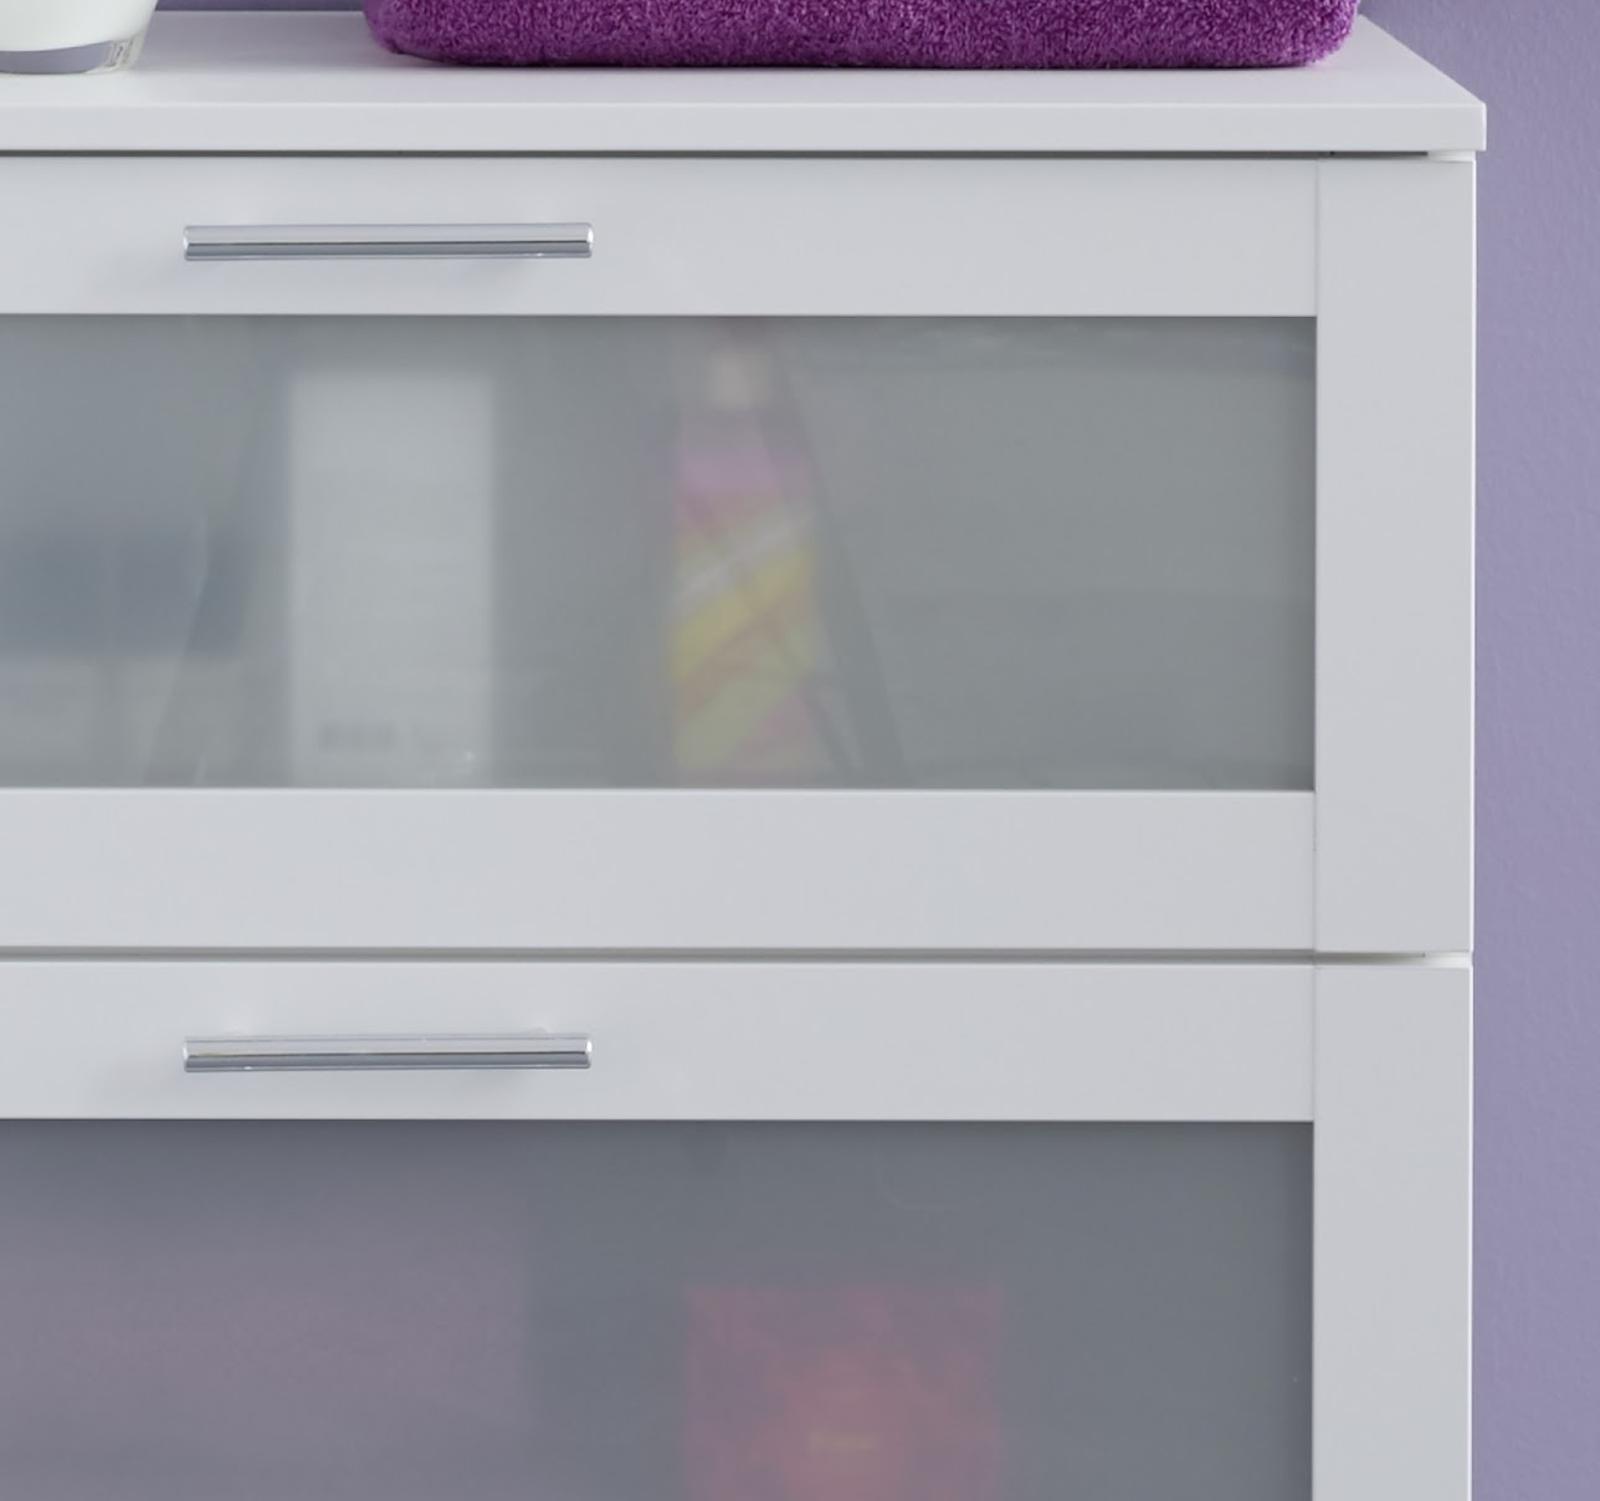 Kommode badezimmer  Badschrank Kommode Badezimmer Möbel Unterschrank weiß Glas ...